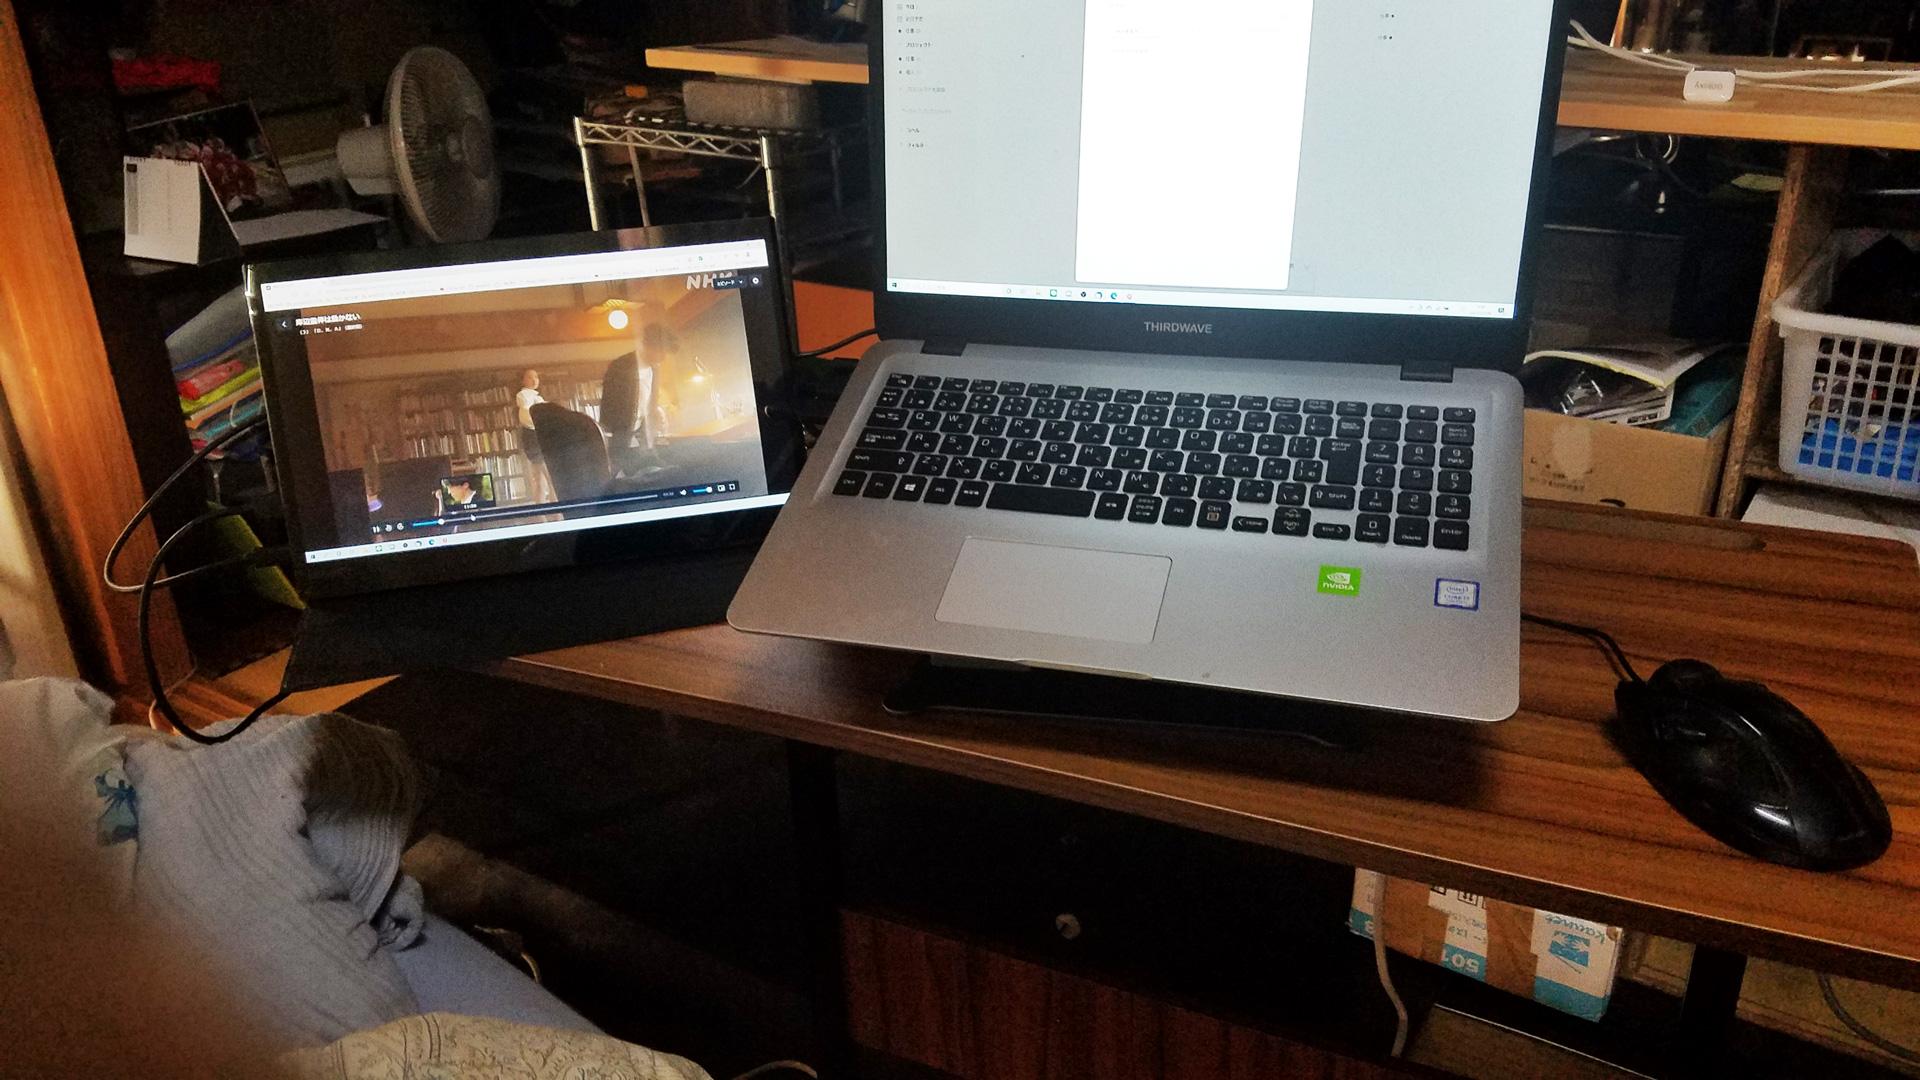 ノートパソコンなど置いて簡単な作業もできるようにしました。